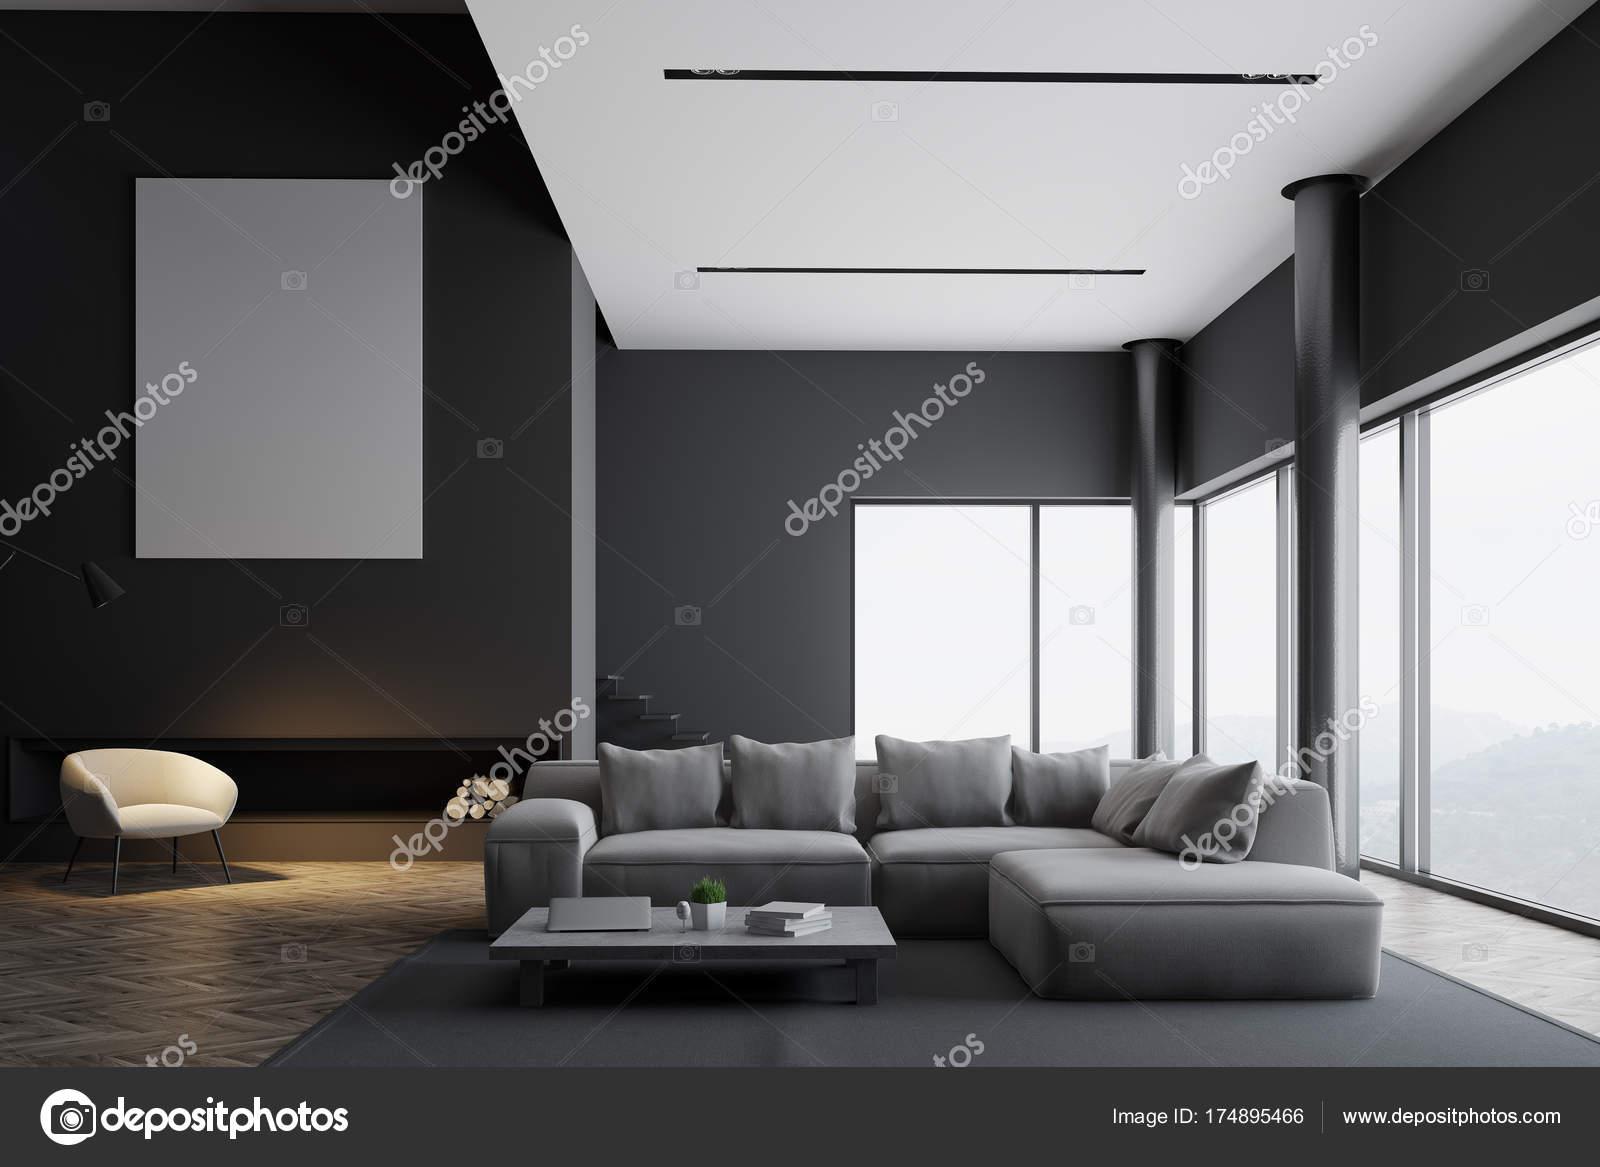 Modernes grau wohnzimmer interieur plakat u stockfoto